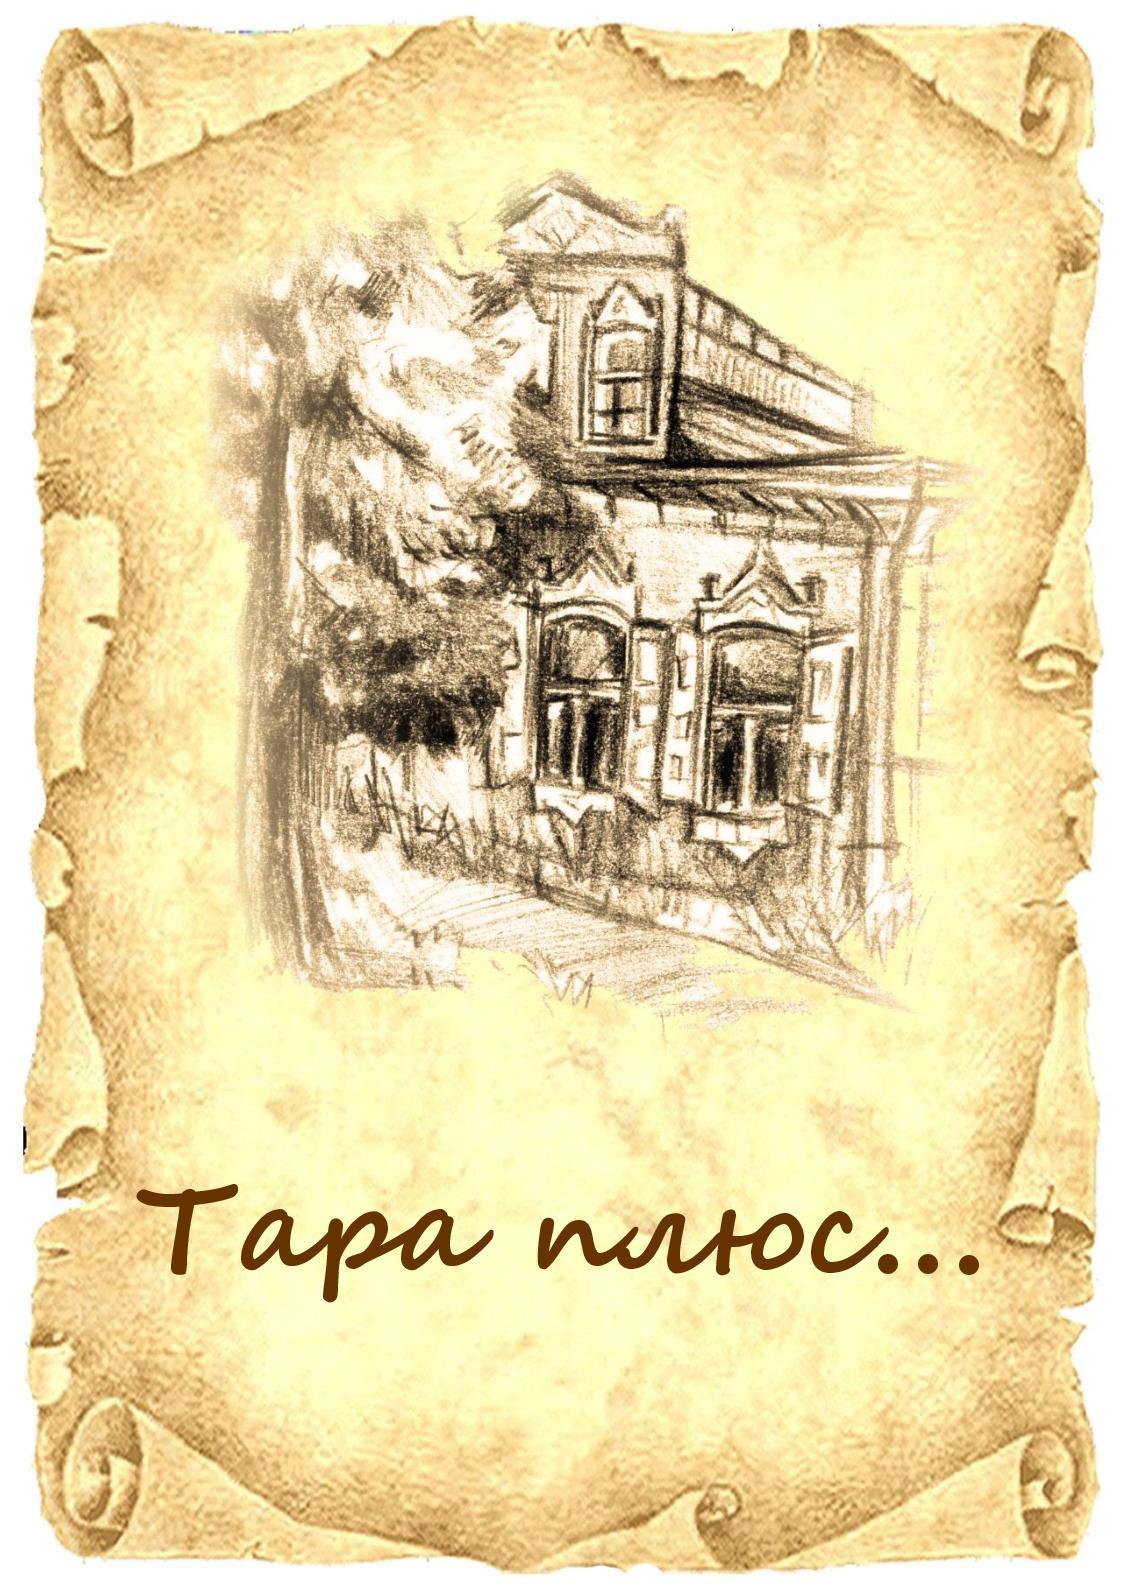 Литературно-поэтический сборник «Тара плюс…»